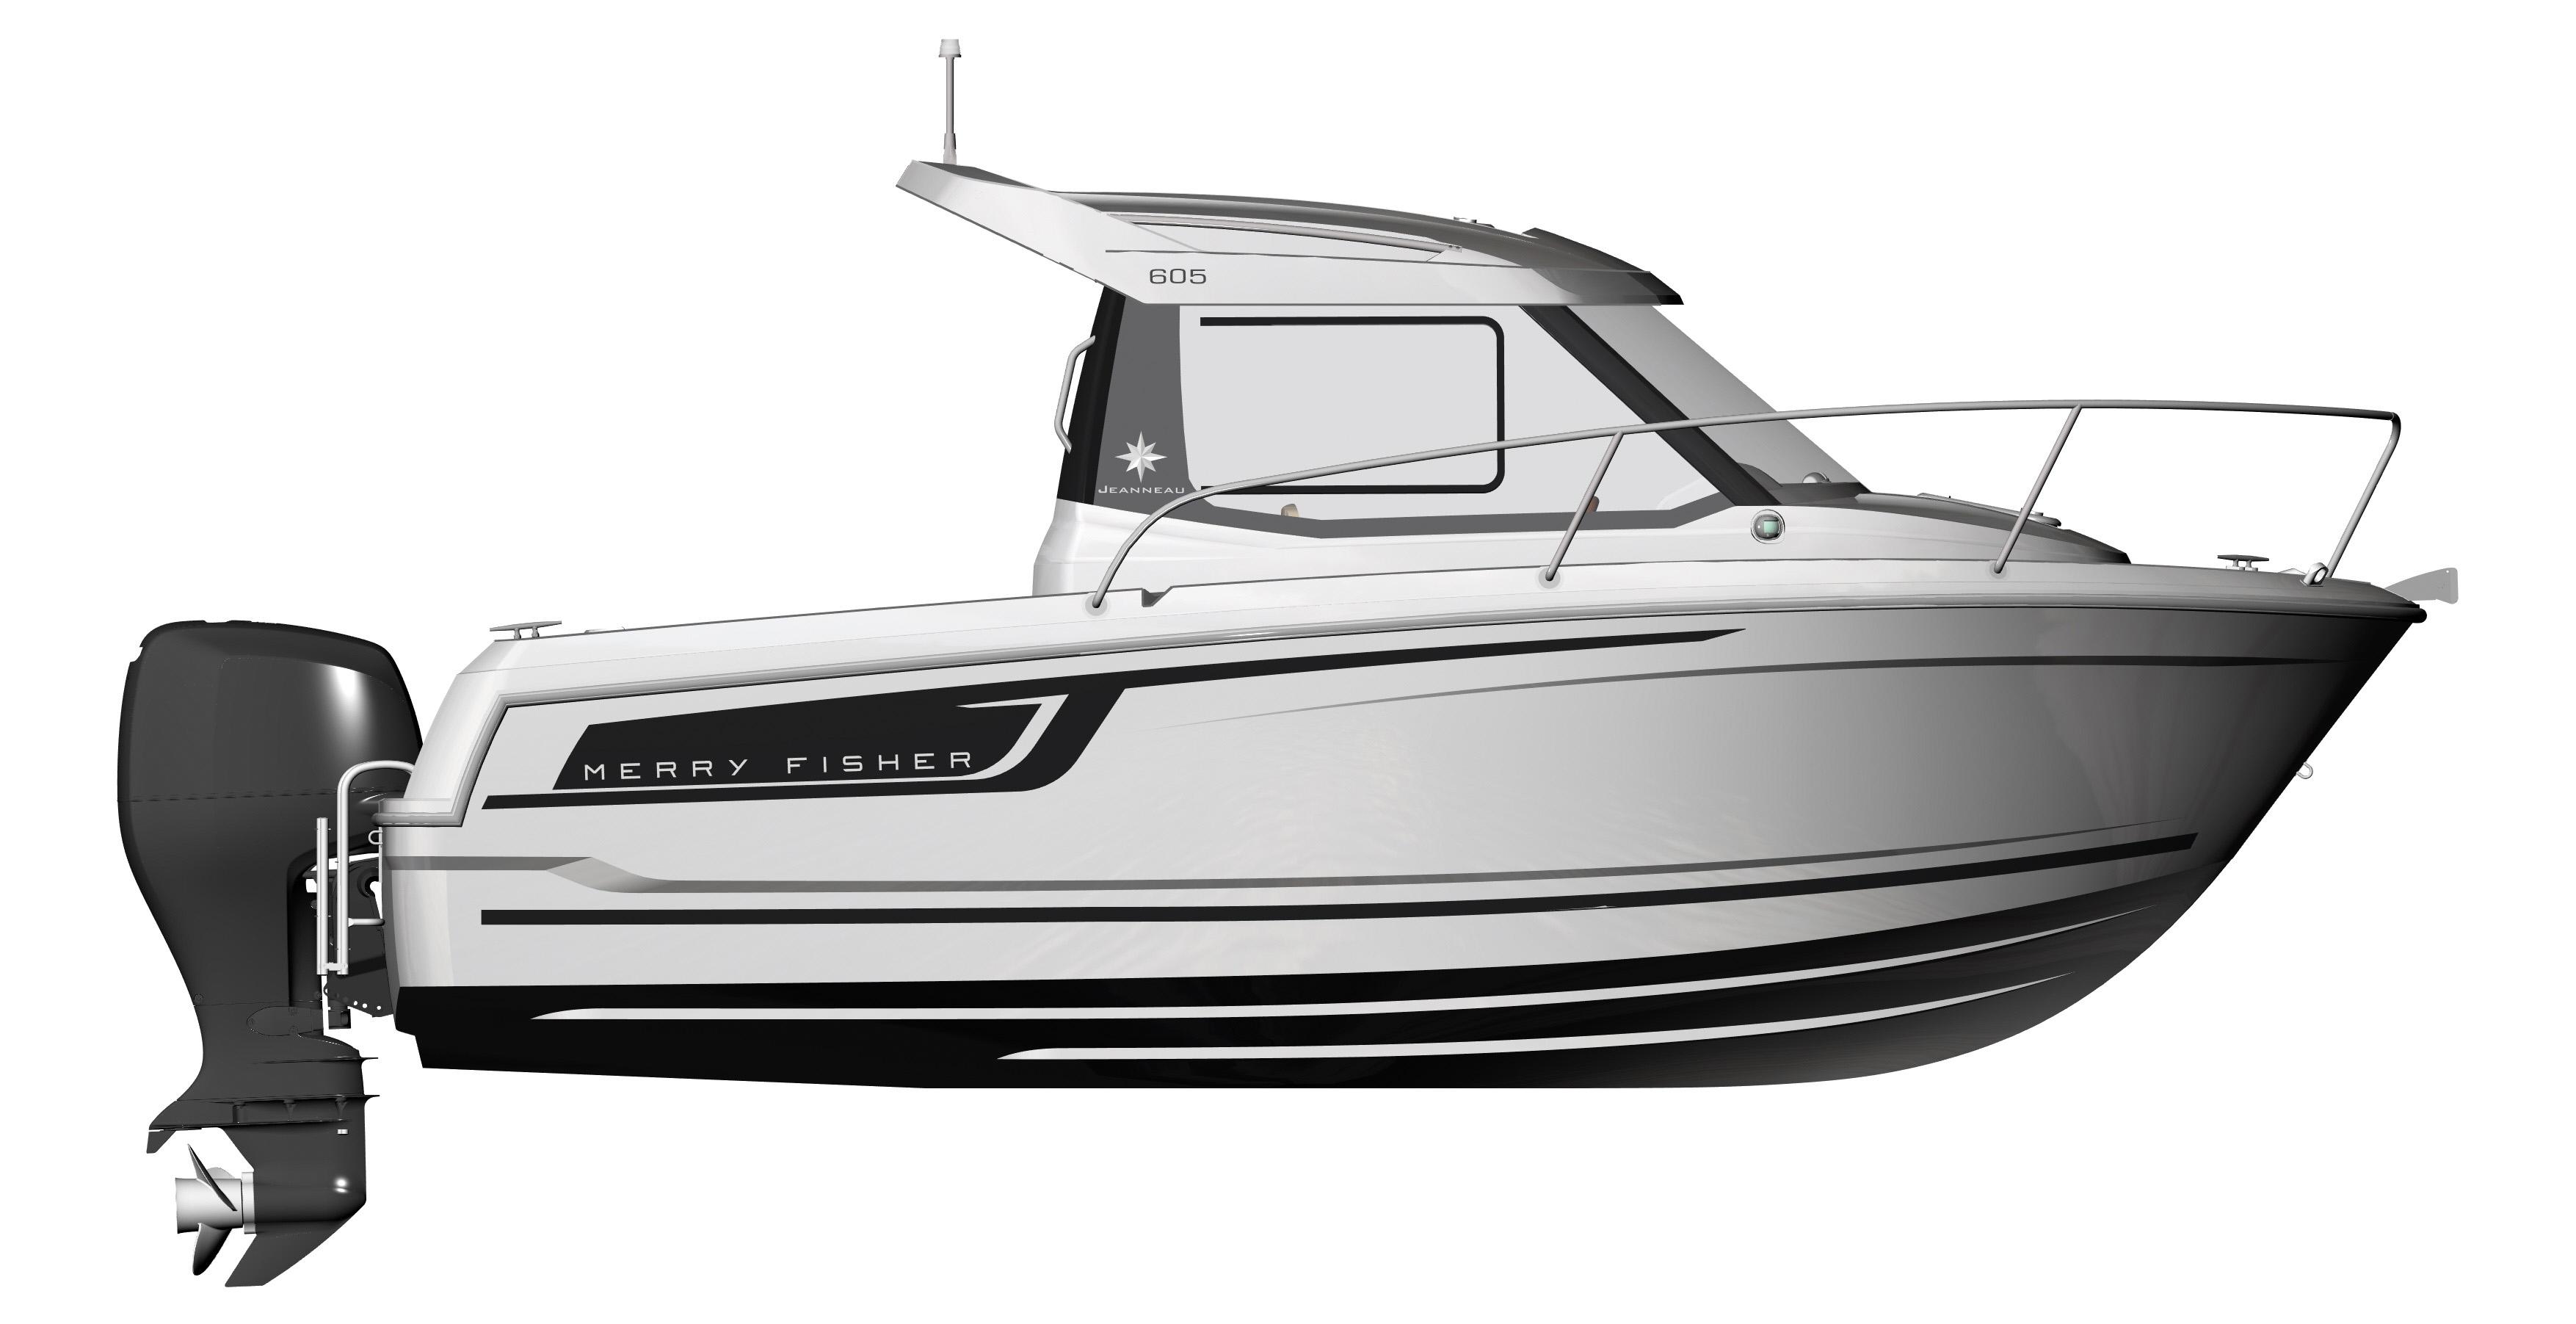 Profil-MF605-2015-